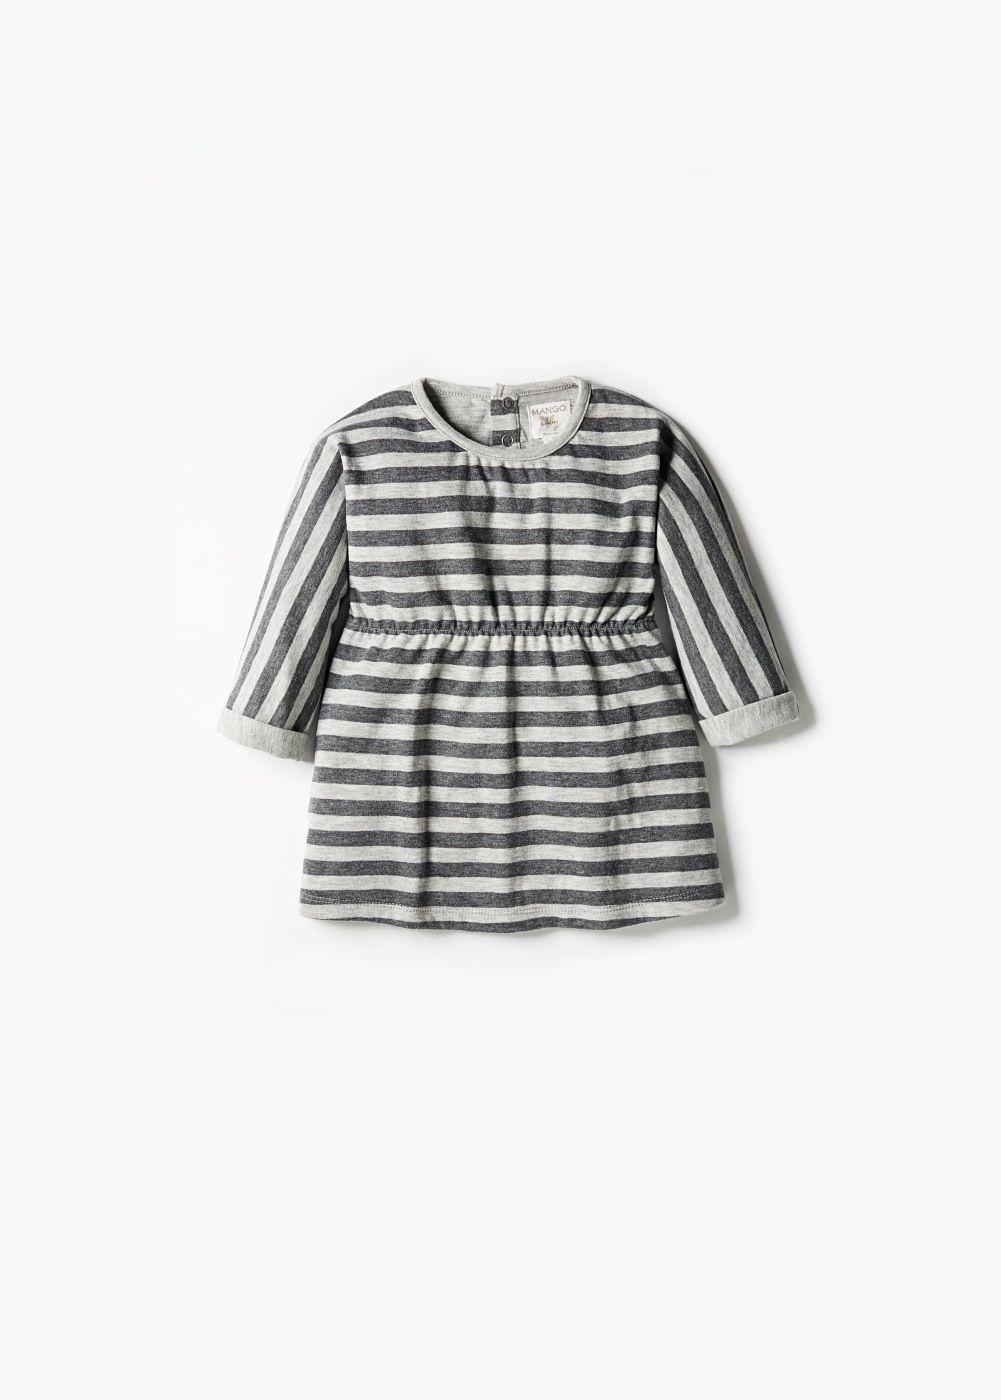 Gestreiftes Kleid | Gestreiftes kleid, Streifen und Mango